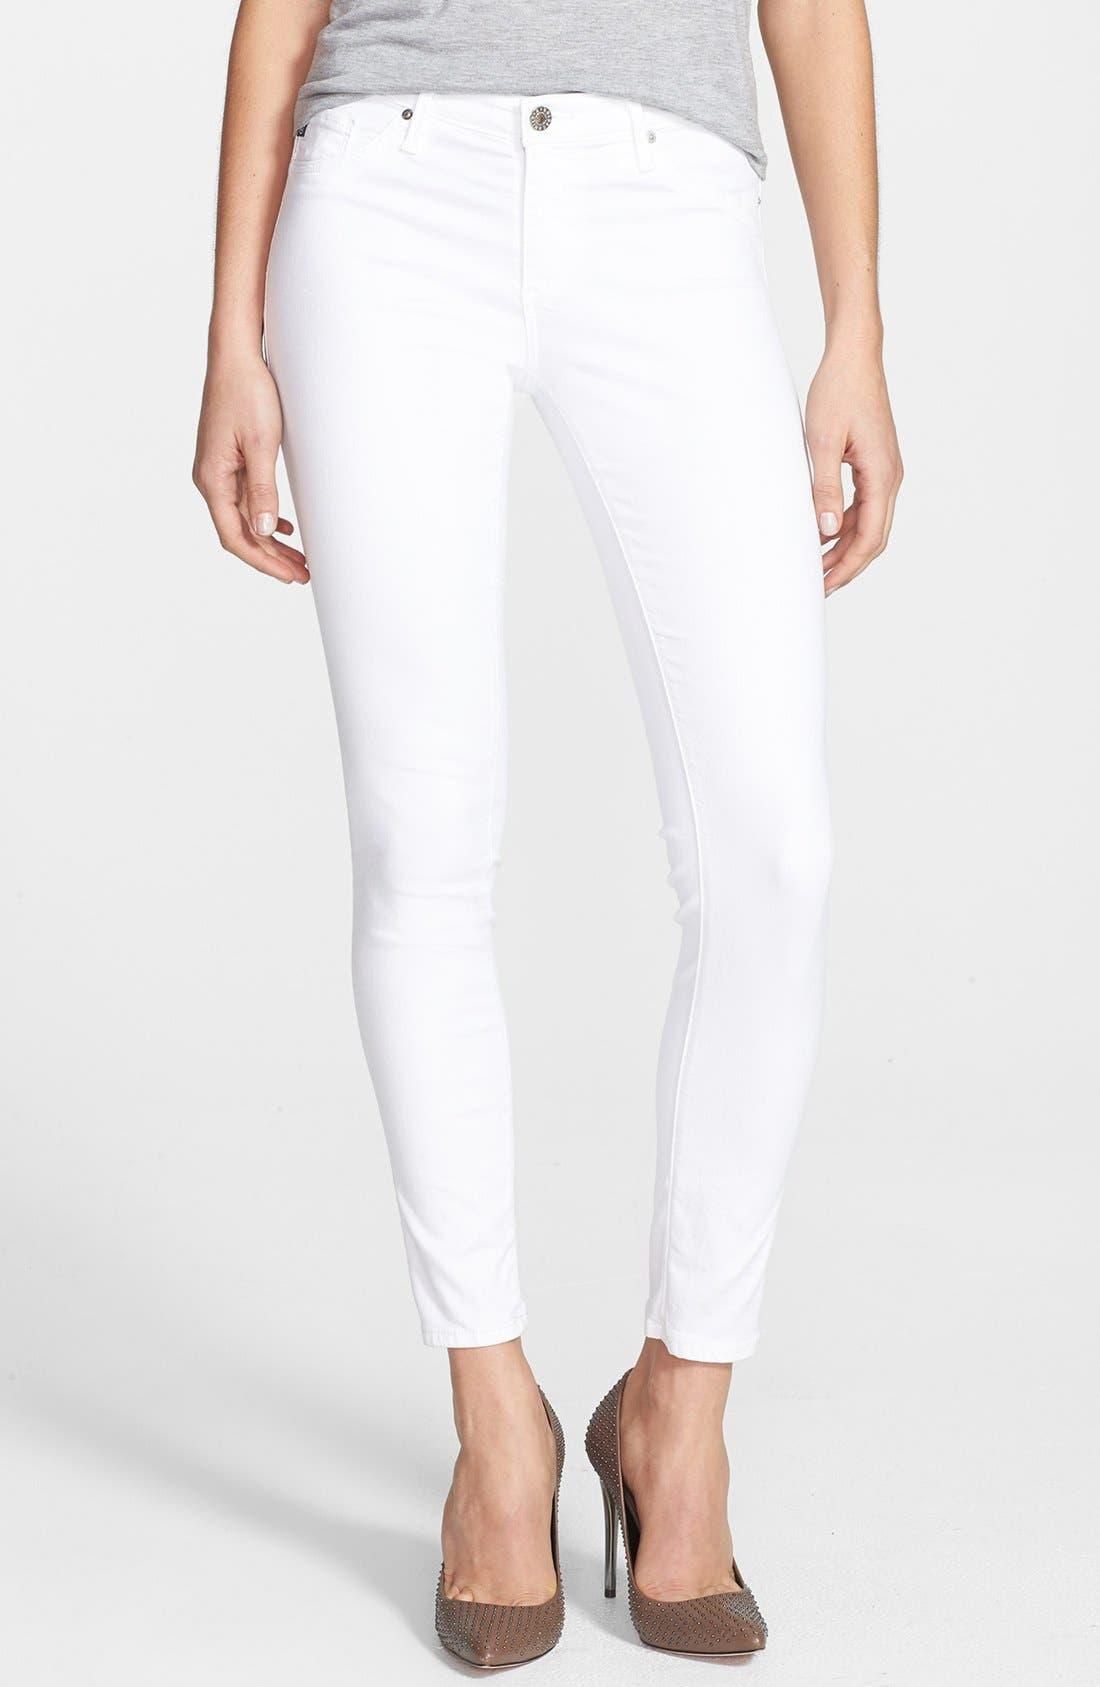 Alternate Image 1 Selected - AG 'The Legging' Ankle Skinny Jeans (White White)